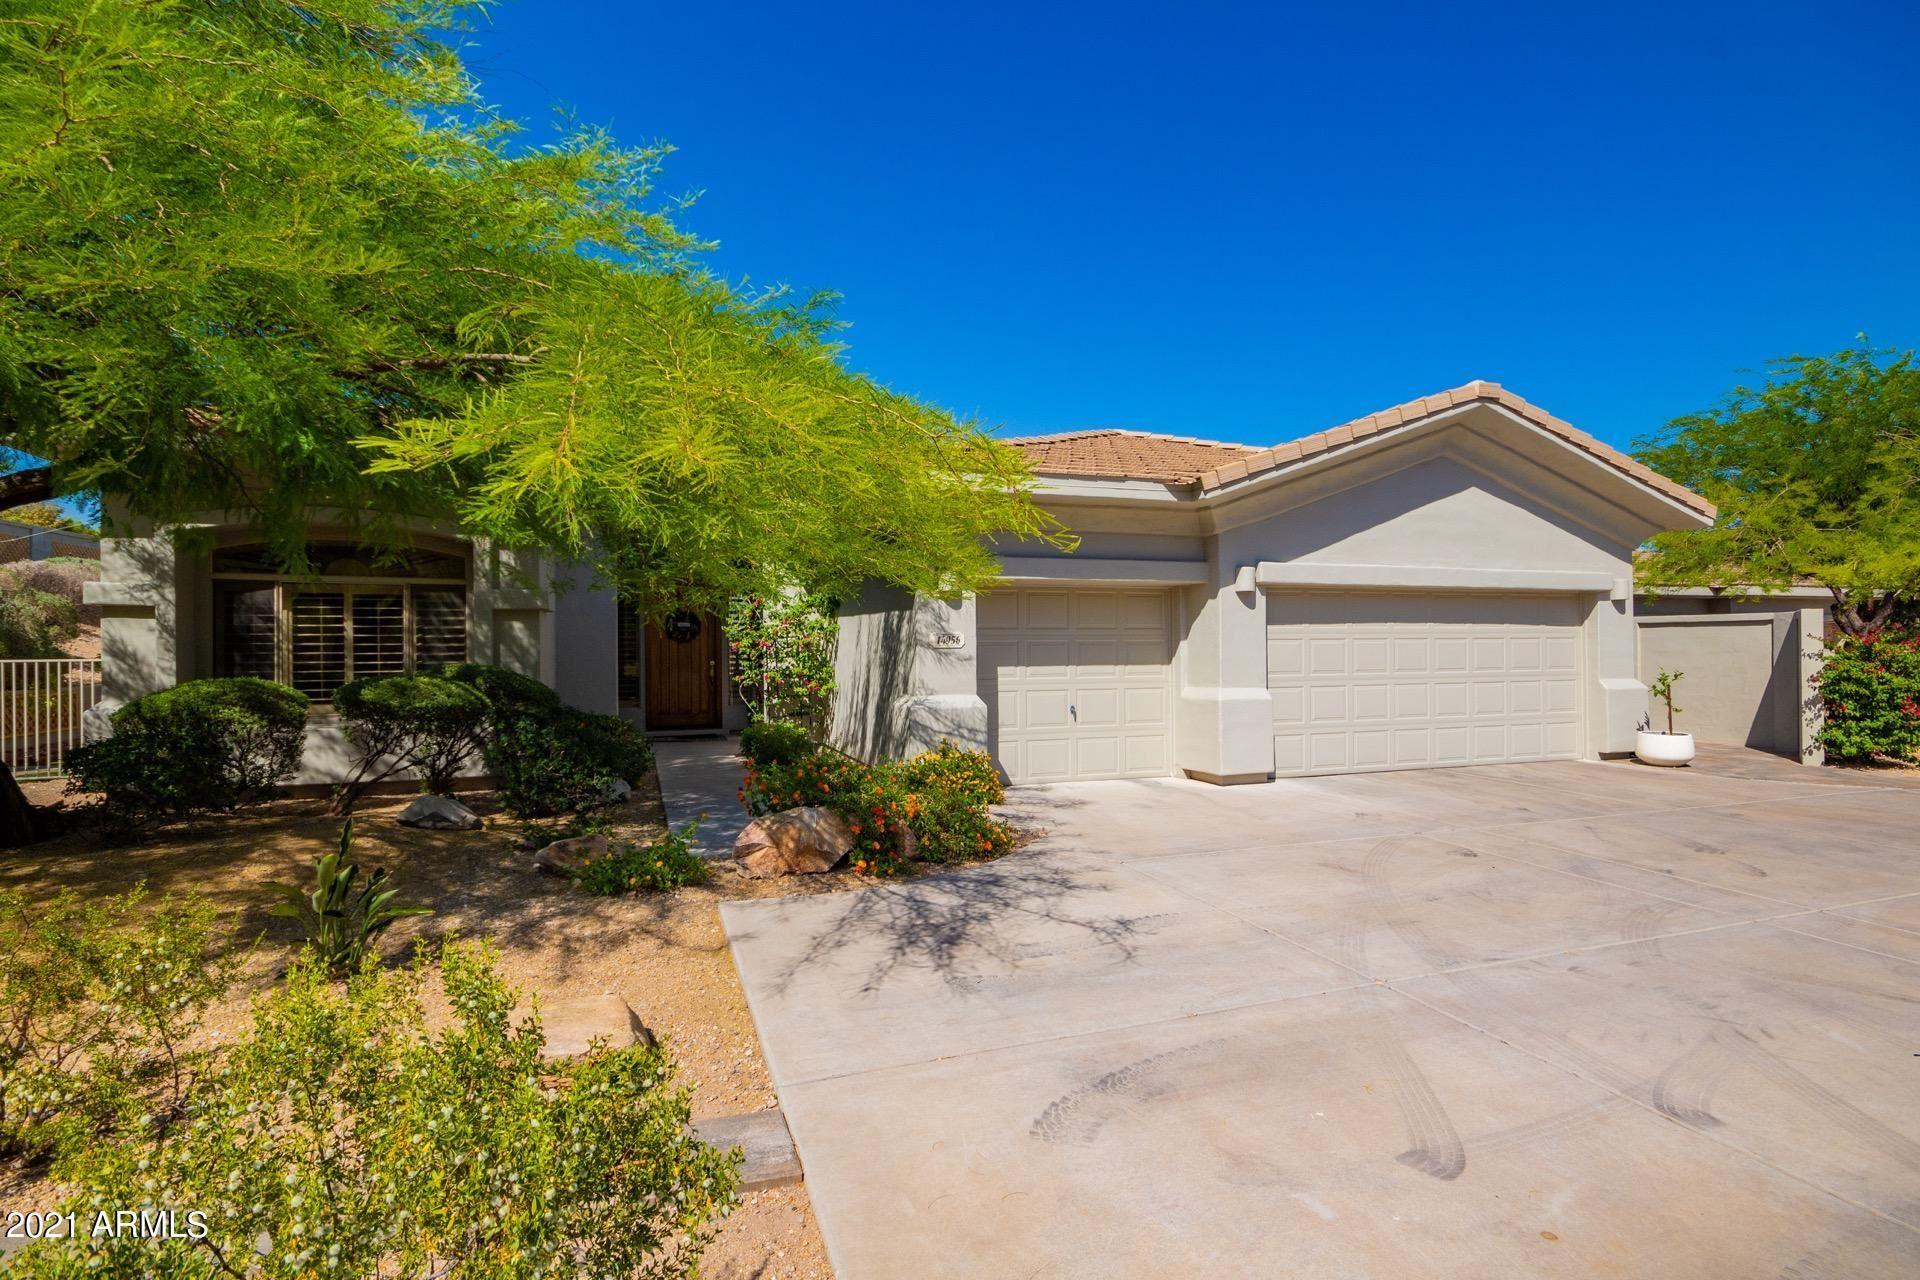 Photo of 14956 E PINNACLE Court, Fountain Hills, AZ 85268 (MLS # 6233126)